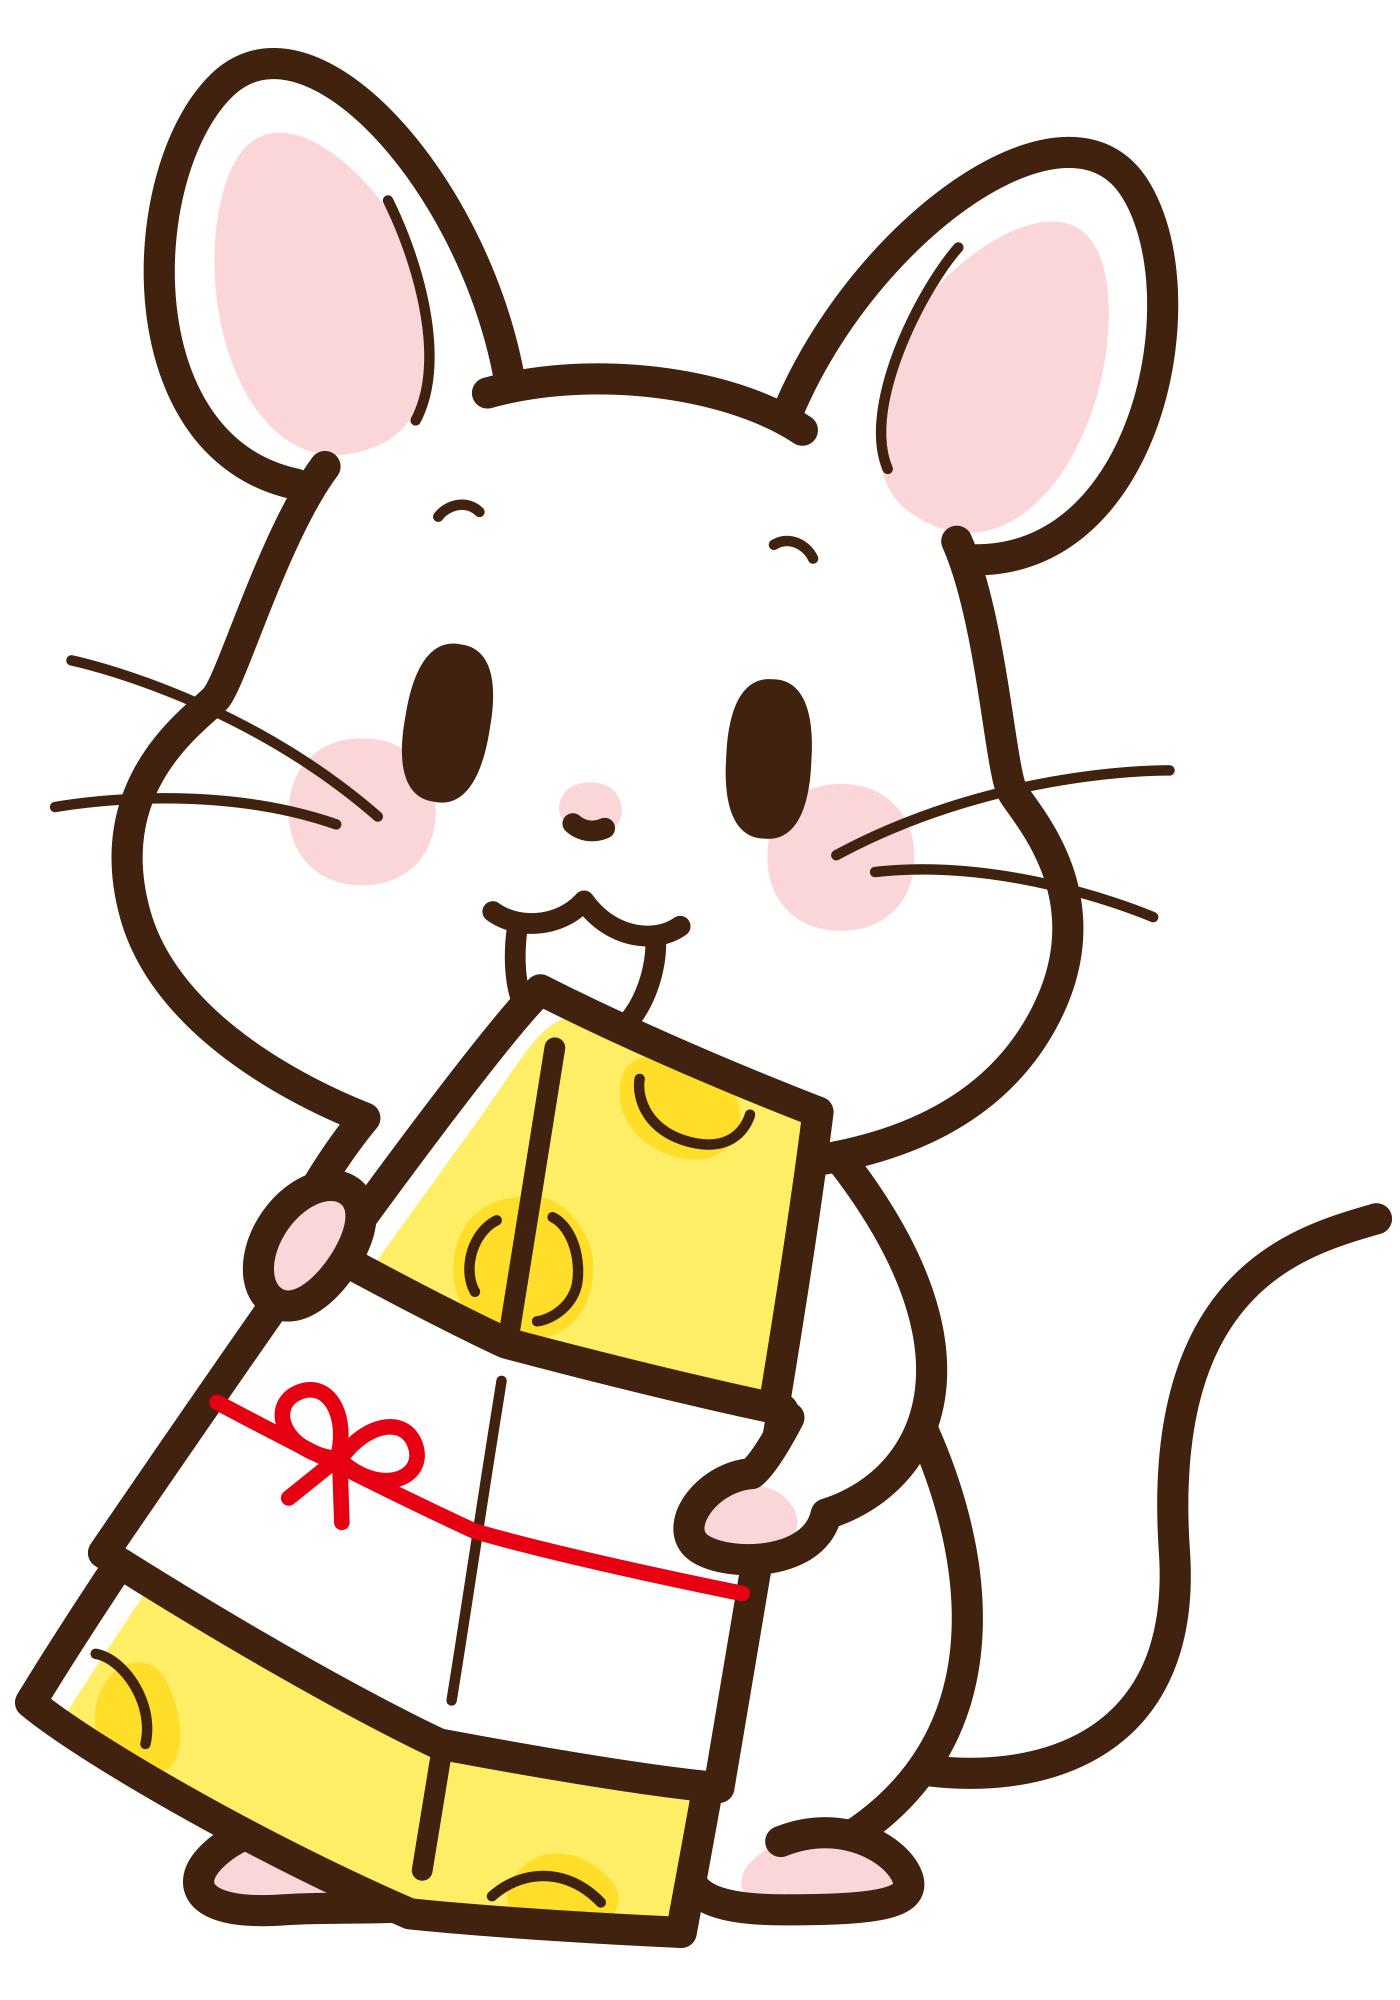 チーズを持っている白ネズミのイラストをダウンロード